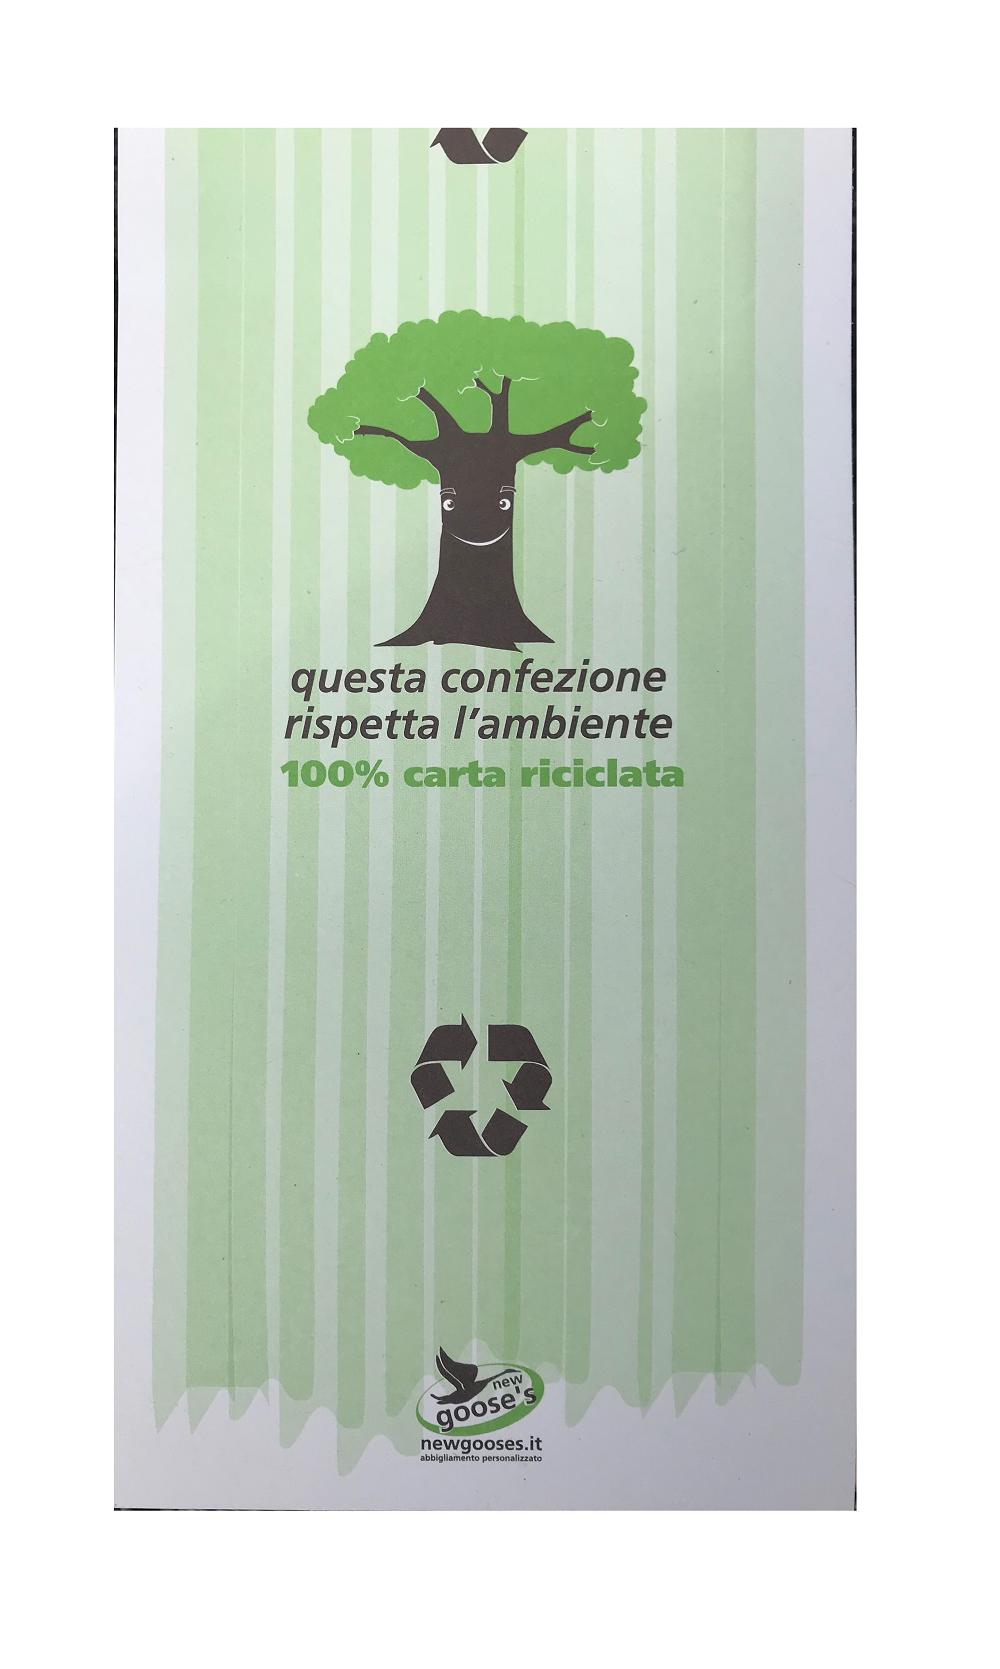 cartoncino carta riciclata 100%